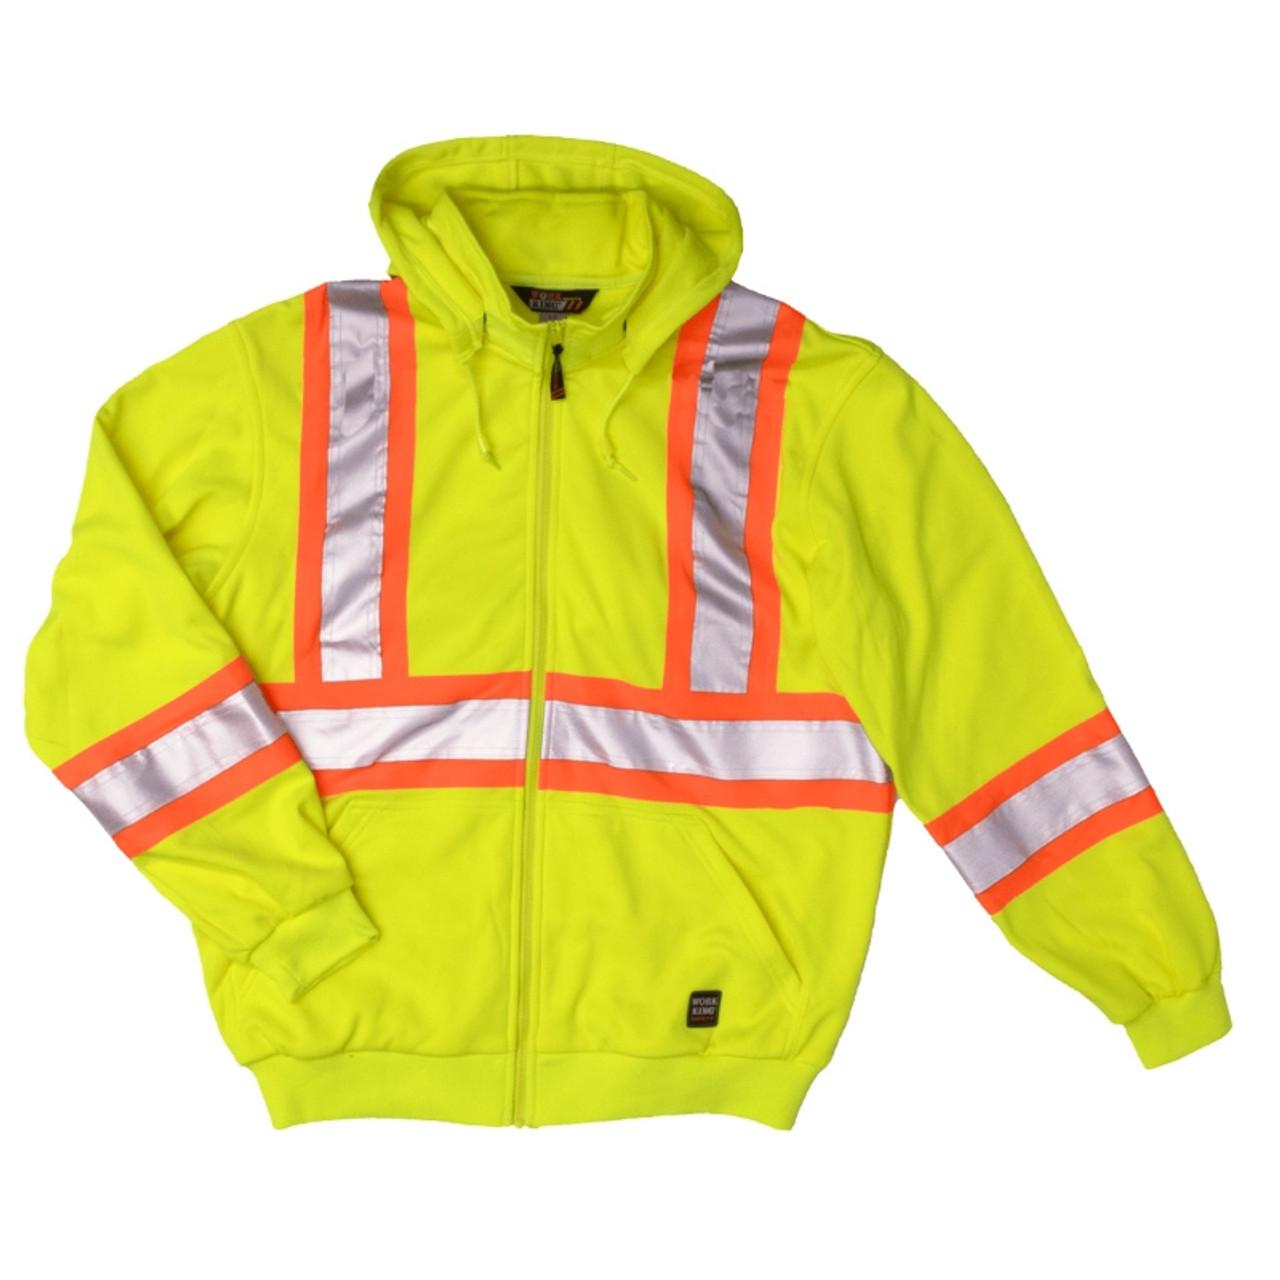 Mens Hi Viz Vis Visibility Hooded Reflective Work Zip Fleece Sweatshirt Jacket